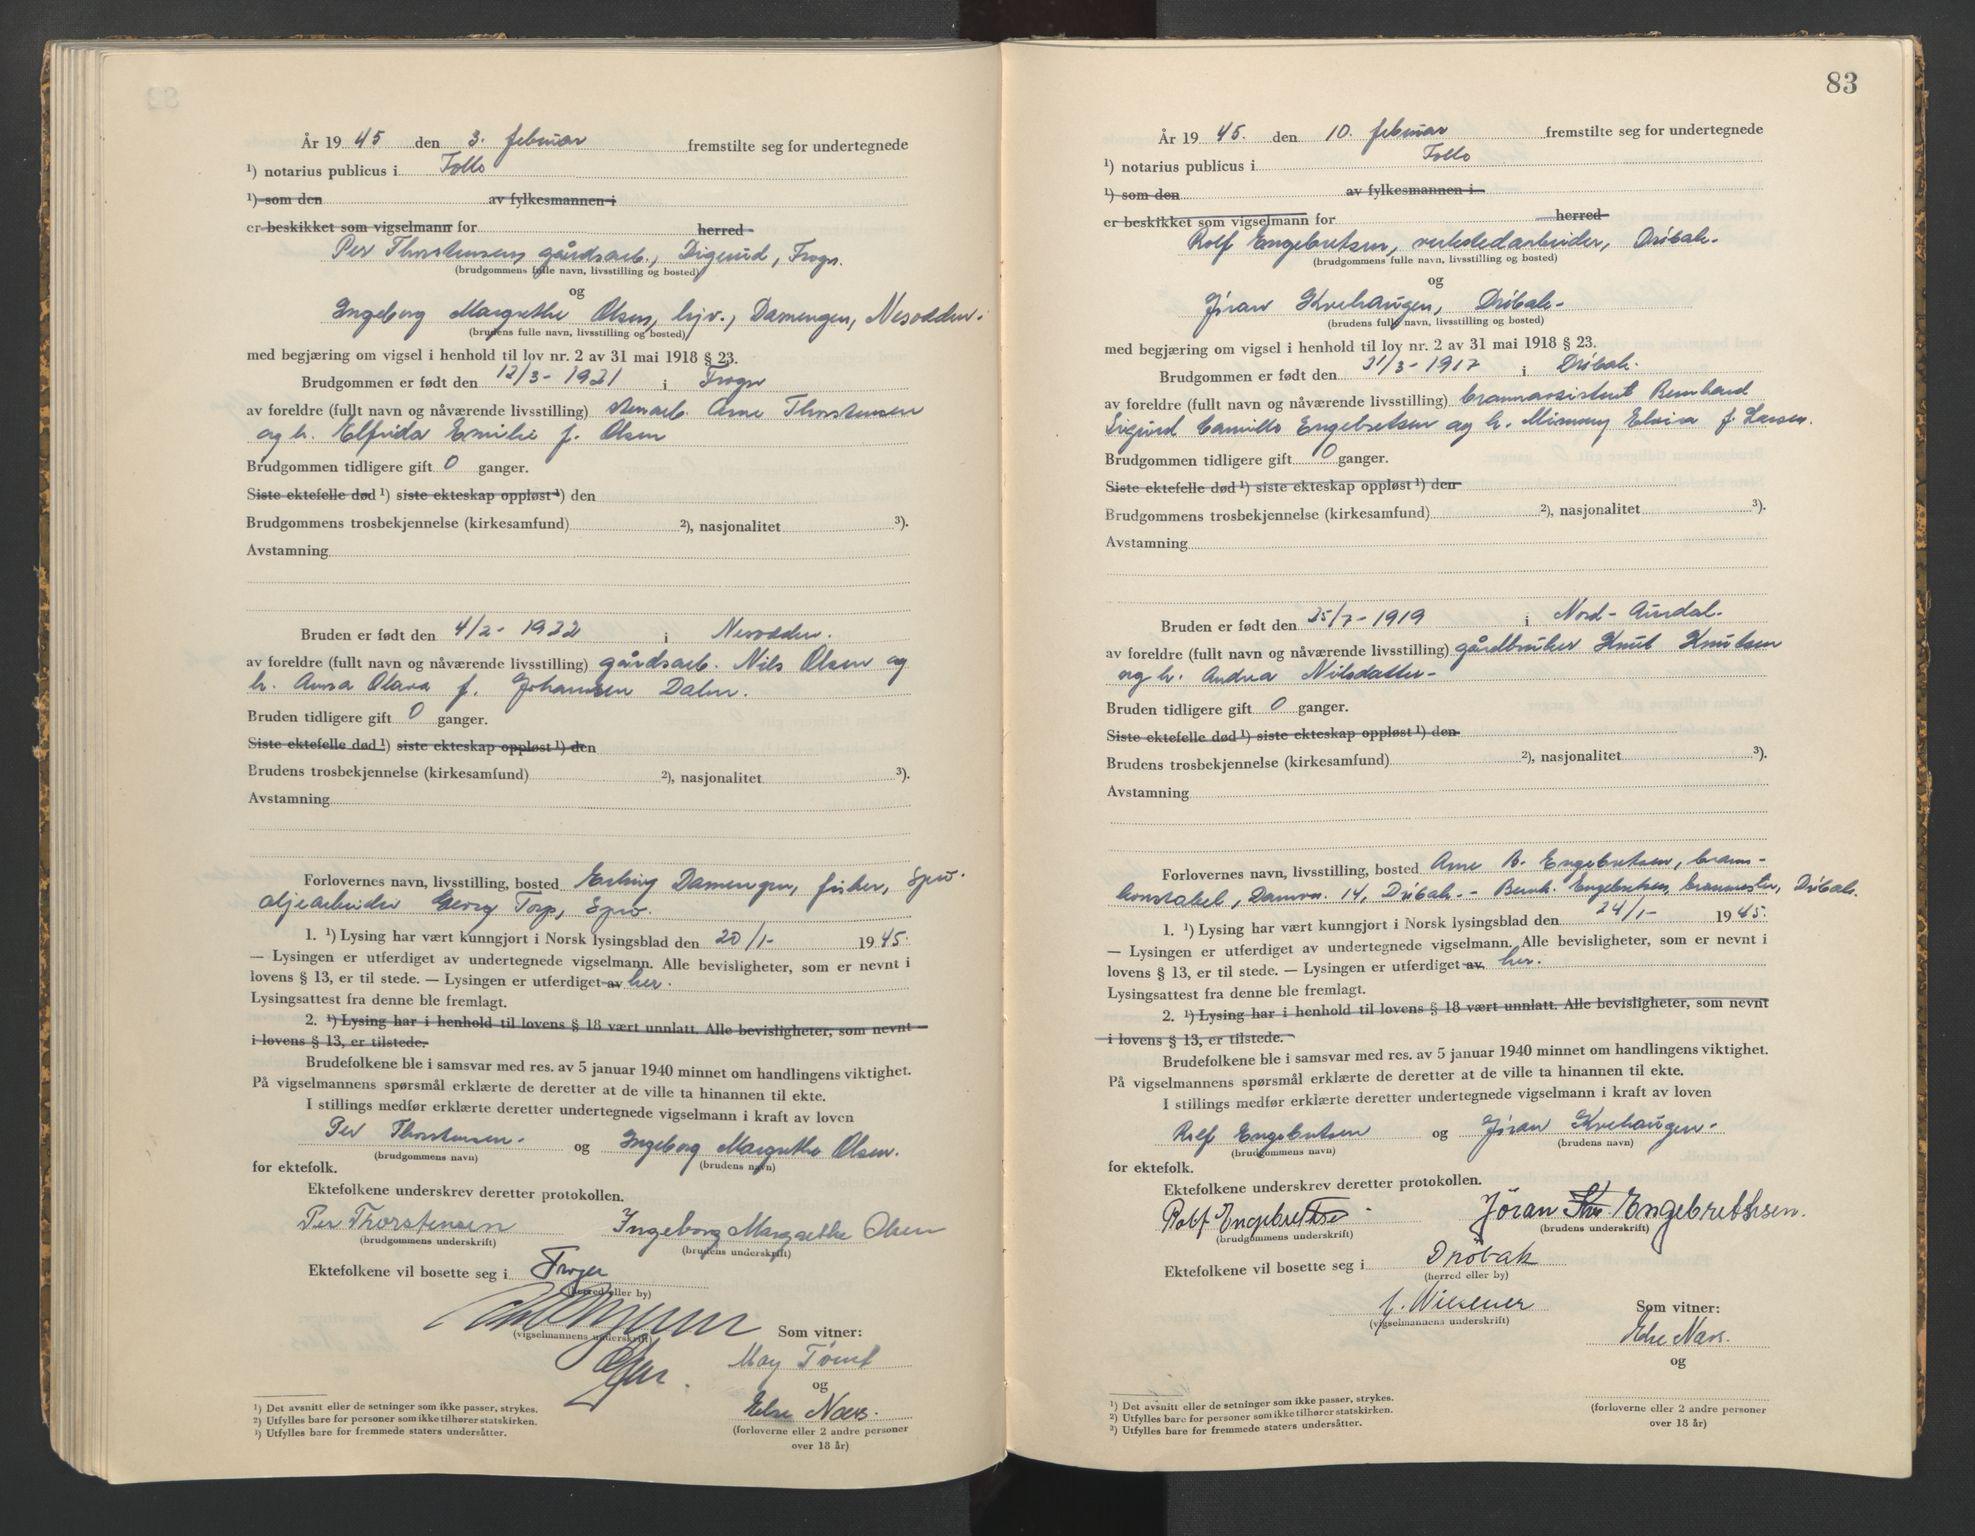 SAO, Follo sorenskriveri, L/La/Lab/L0002: Vigselsbok, 1942-1946, s. 83